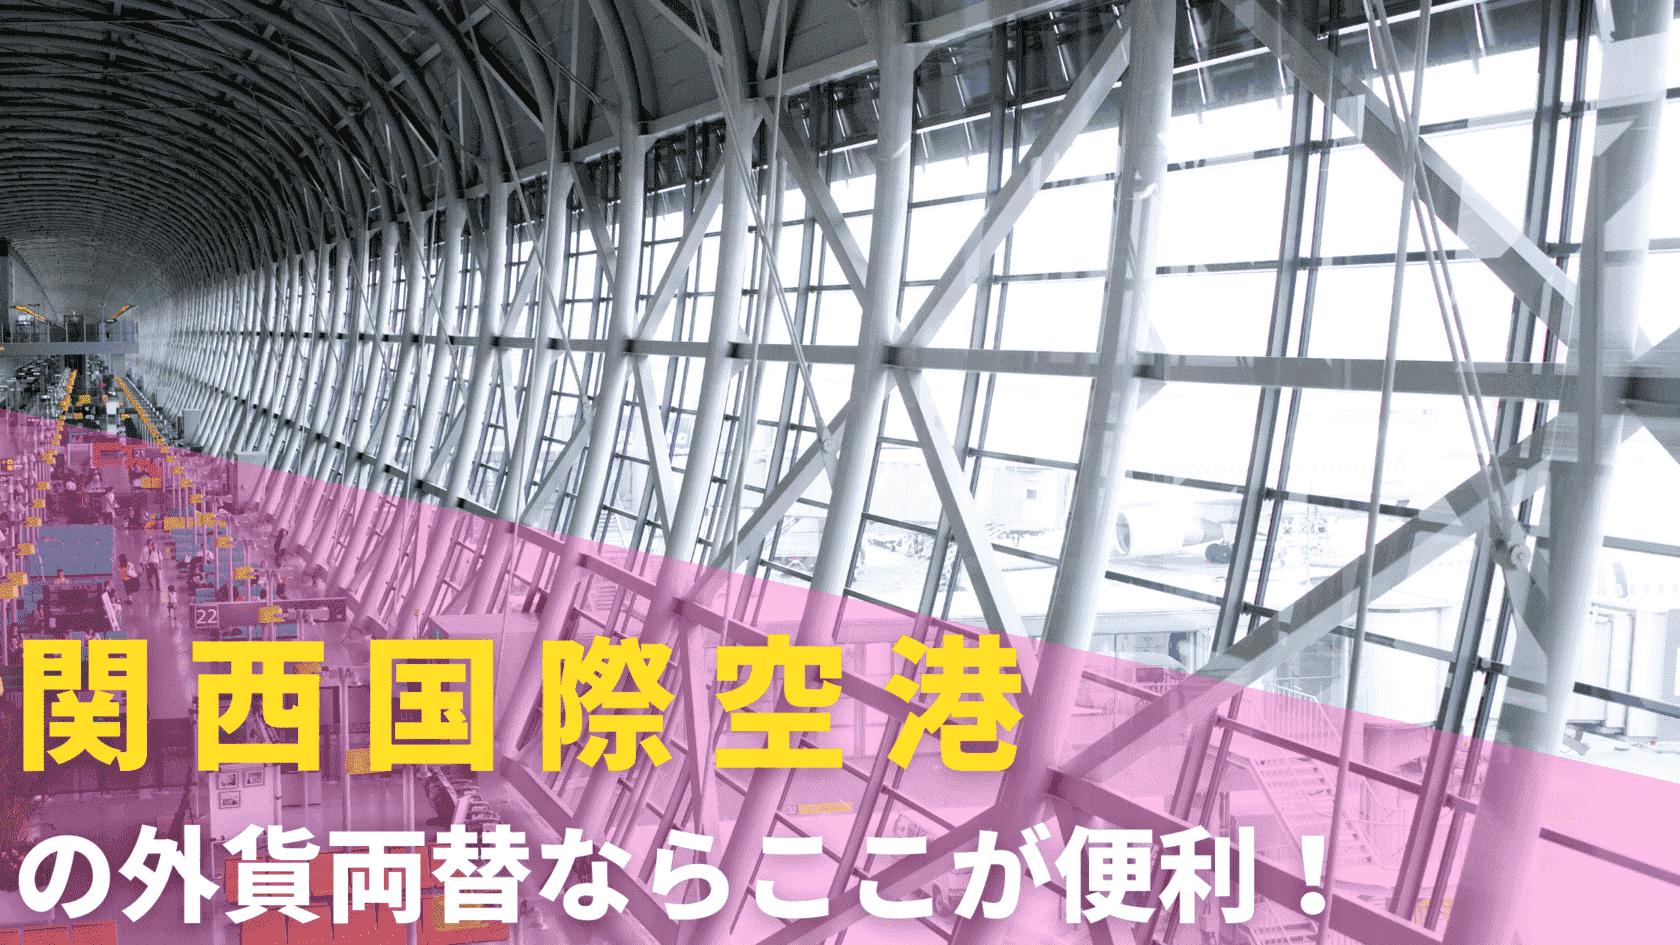 関西国際空港(関空)の外貨両替ならここが便利!